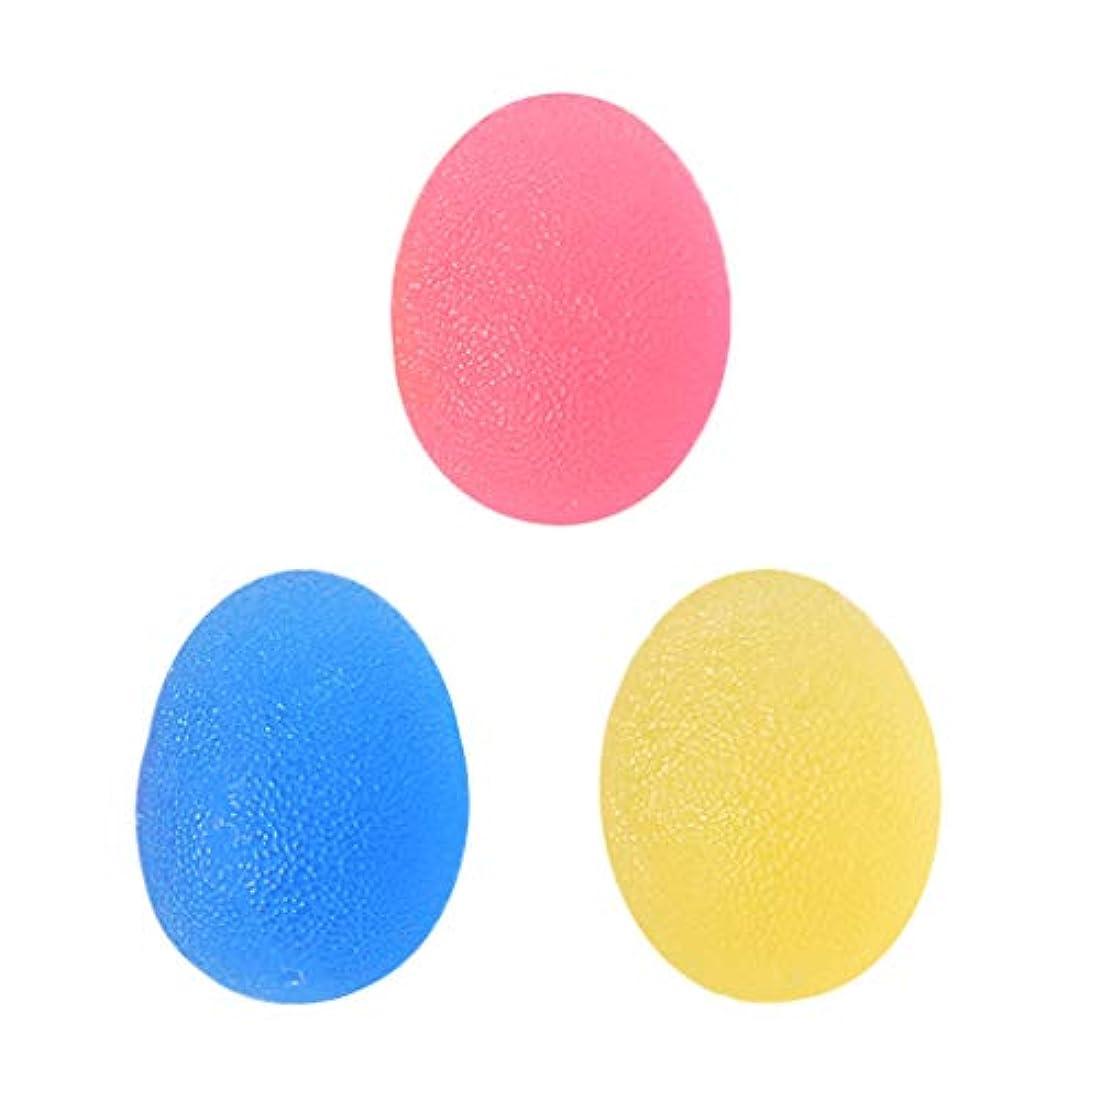 機械的に寝具金曜日Baoblaze 3個 ハンドエクササイザ スクイズボール ツボ押し 強度ボール TPE製